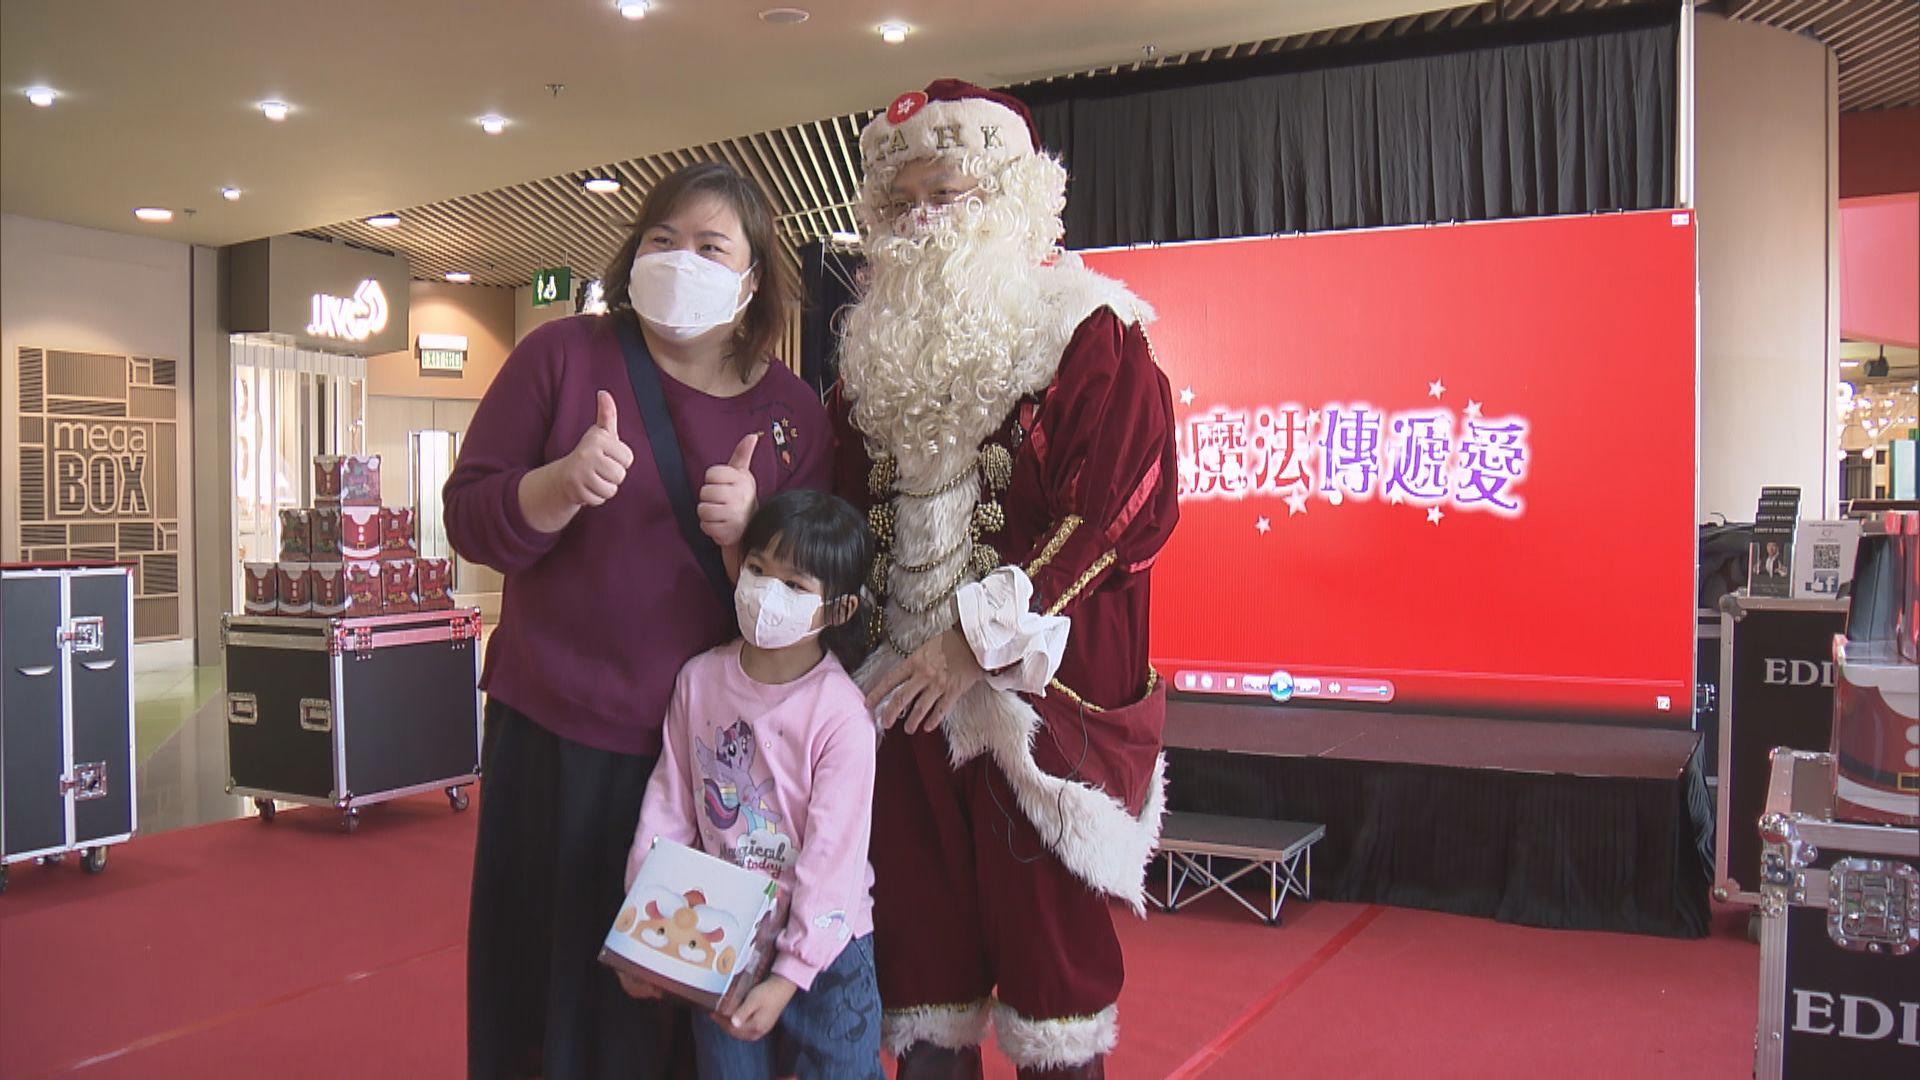 【疫下求存】聖誕老人工作大減 轉型慈善活動